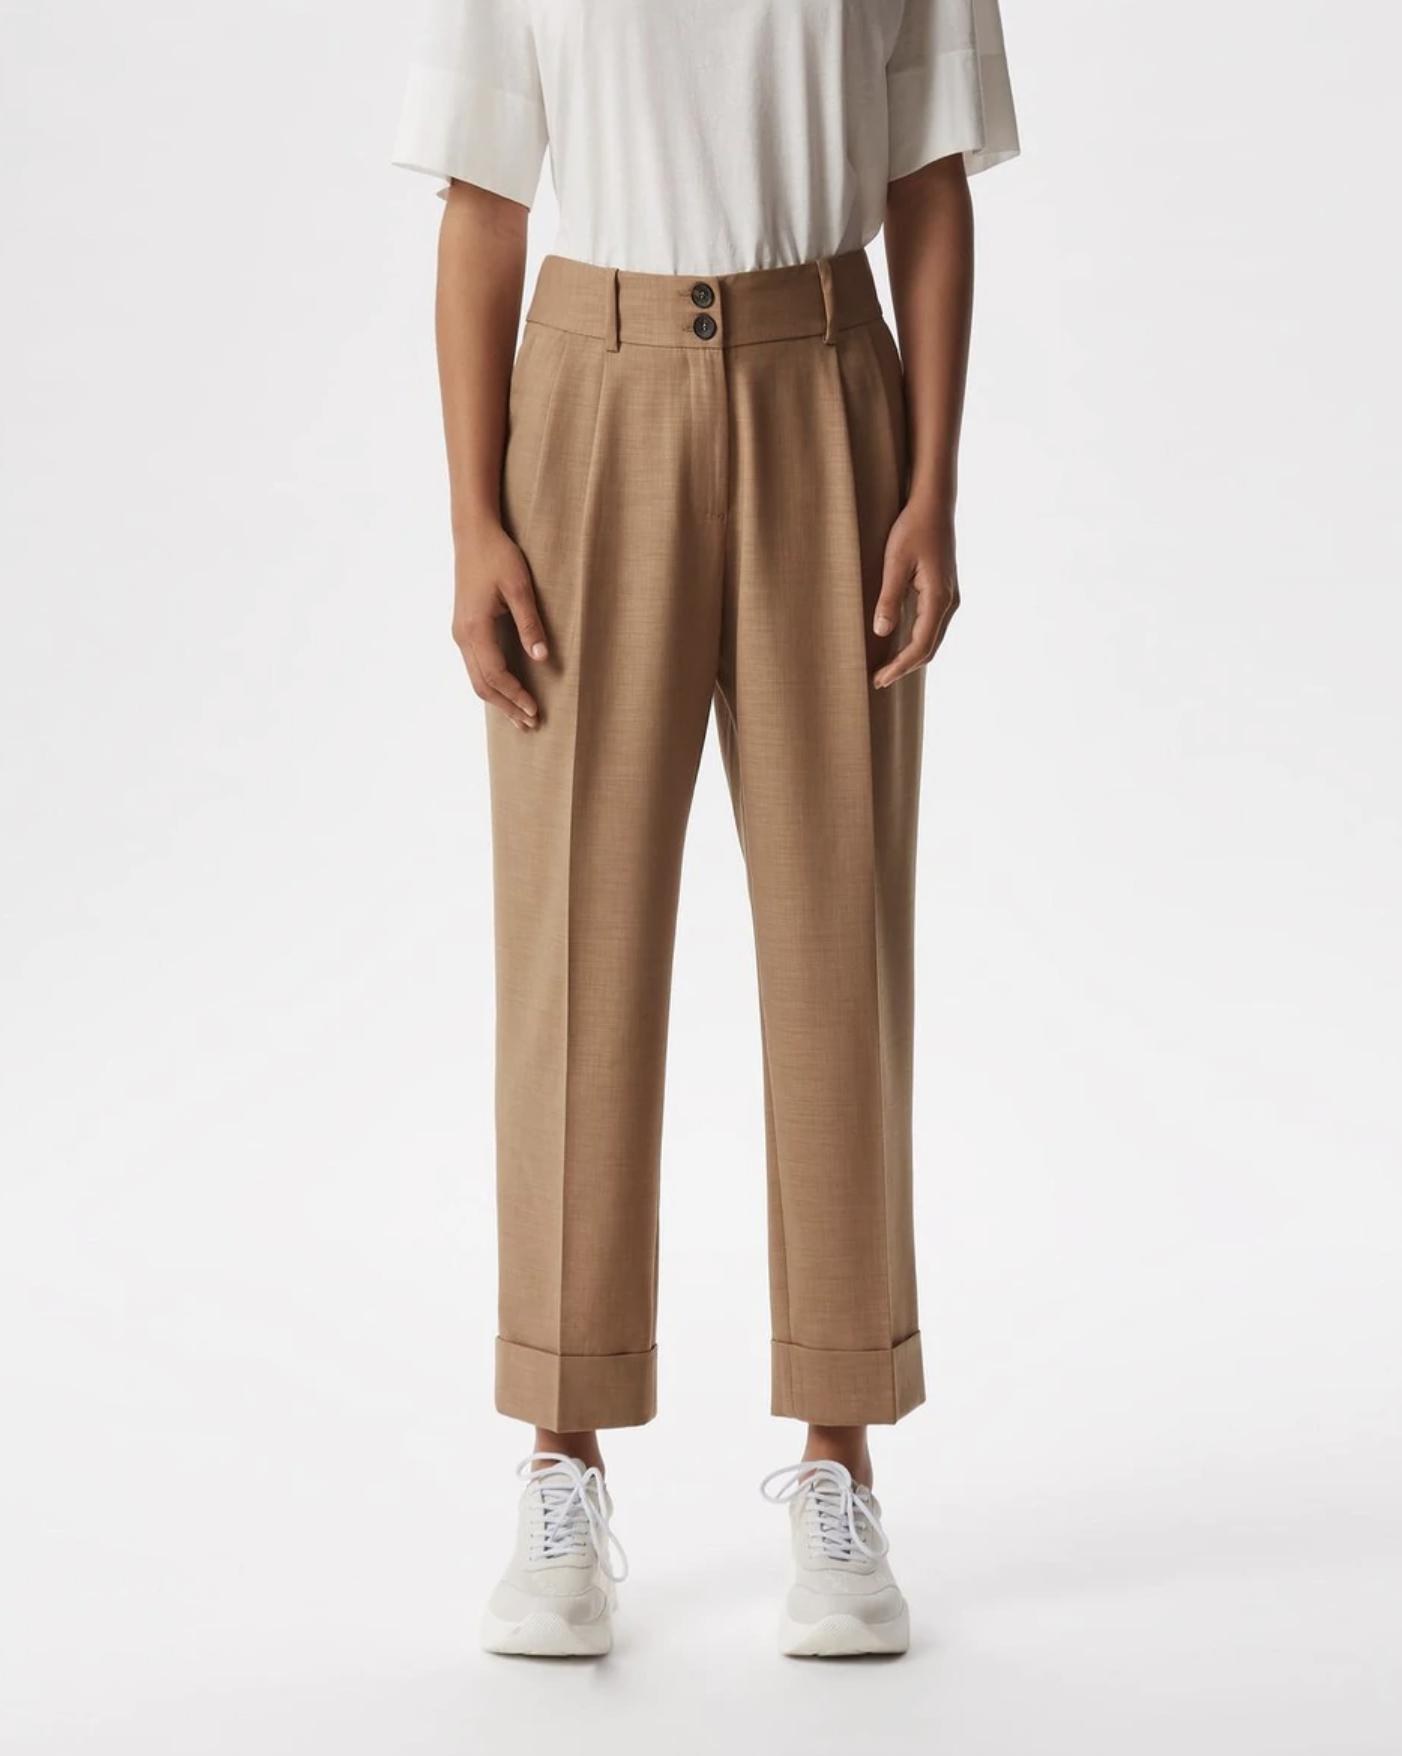 Pantalón recto de mujer con dobladillo y doble botón